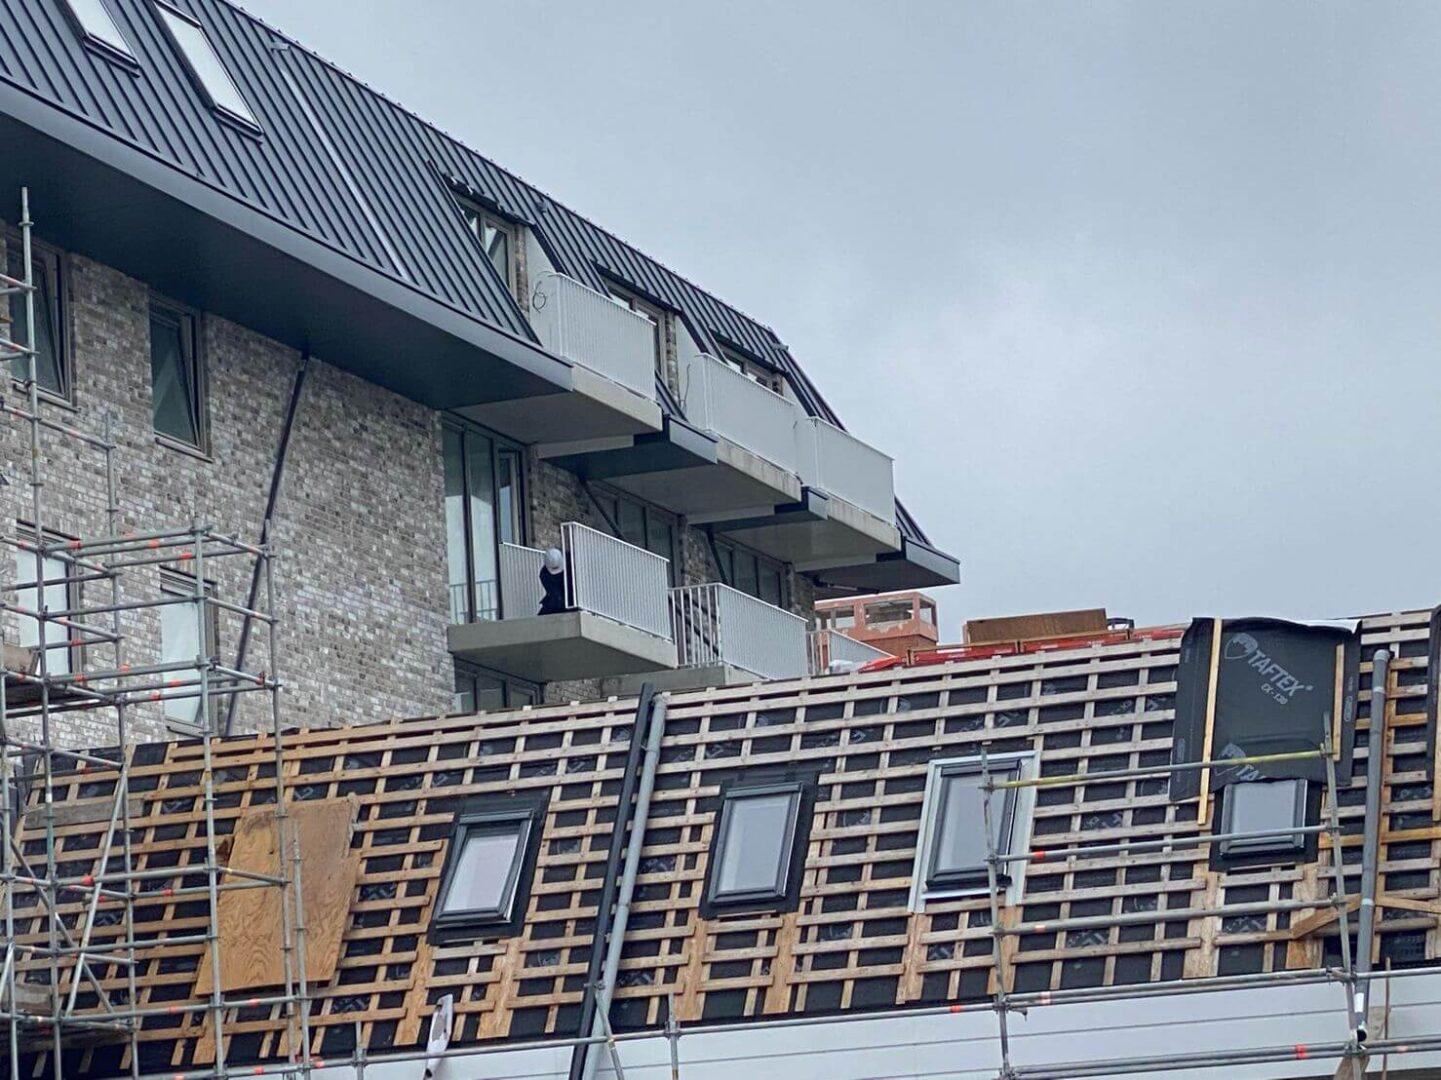 Graaf-van-Egmond-aan-Zee-Architect-Hotel-Architectenbureau-Noord-Holland-ZIjlstra-Schipper-architecten-wormer-in-aanbouw-balkons-01